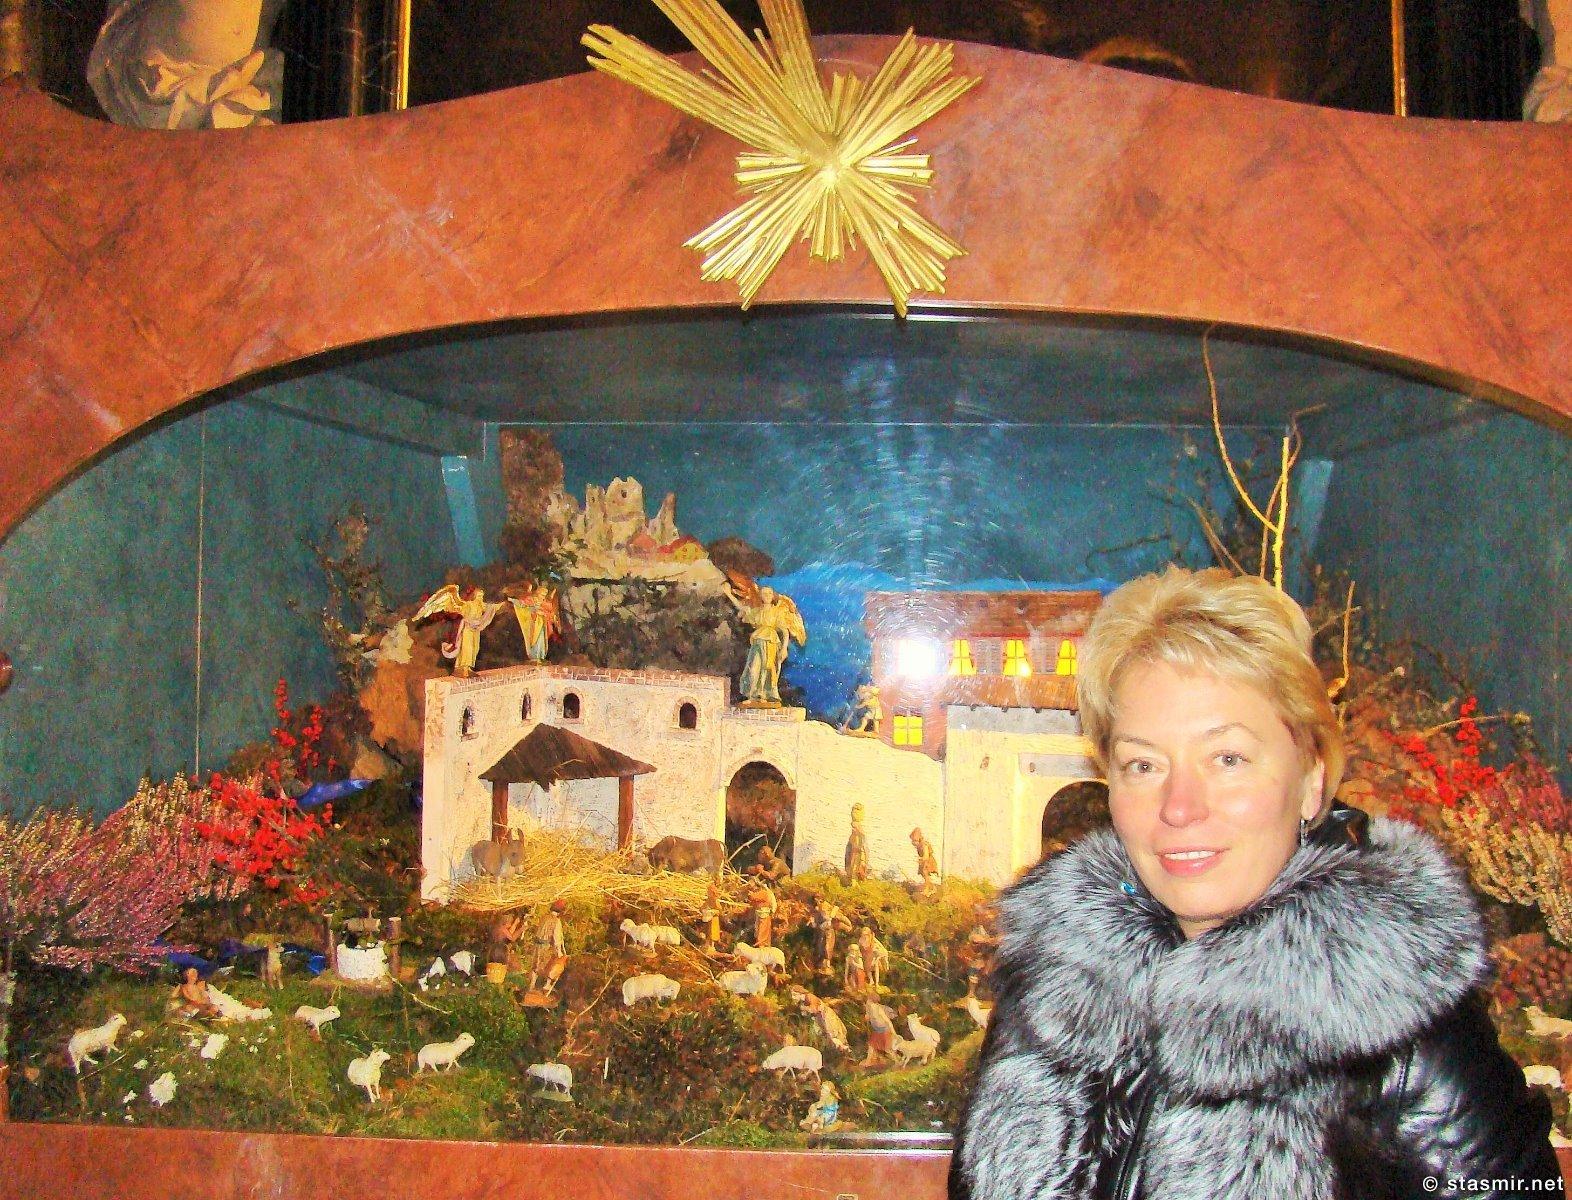 Рождество в Пассау. Баварии, рождественская инсталляция с волхвами и вифлеемской звездой, фото Стасмир, photo Stasmir